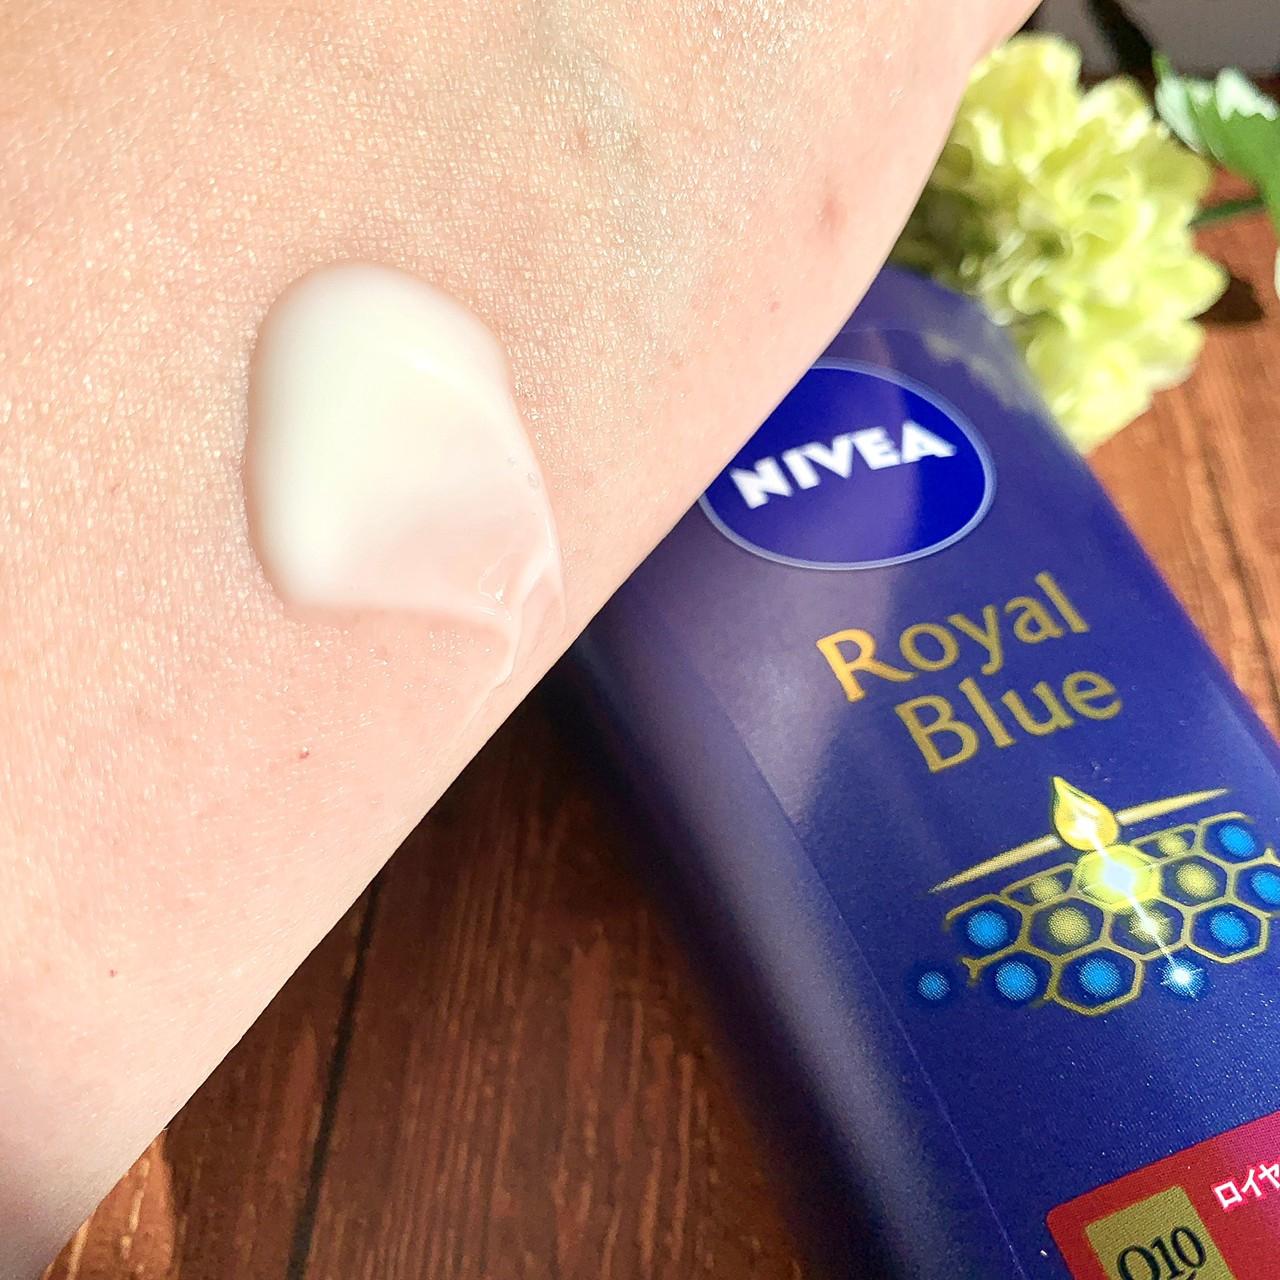 NIVEA(ニベア) ロイヤルブルーボディミルク 美容ケアの良い点・メリットに関するkana_cafe_timeさんの口コミ画像3